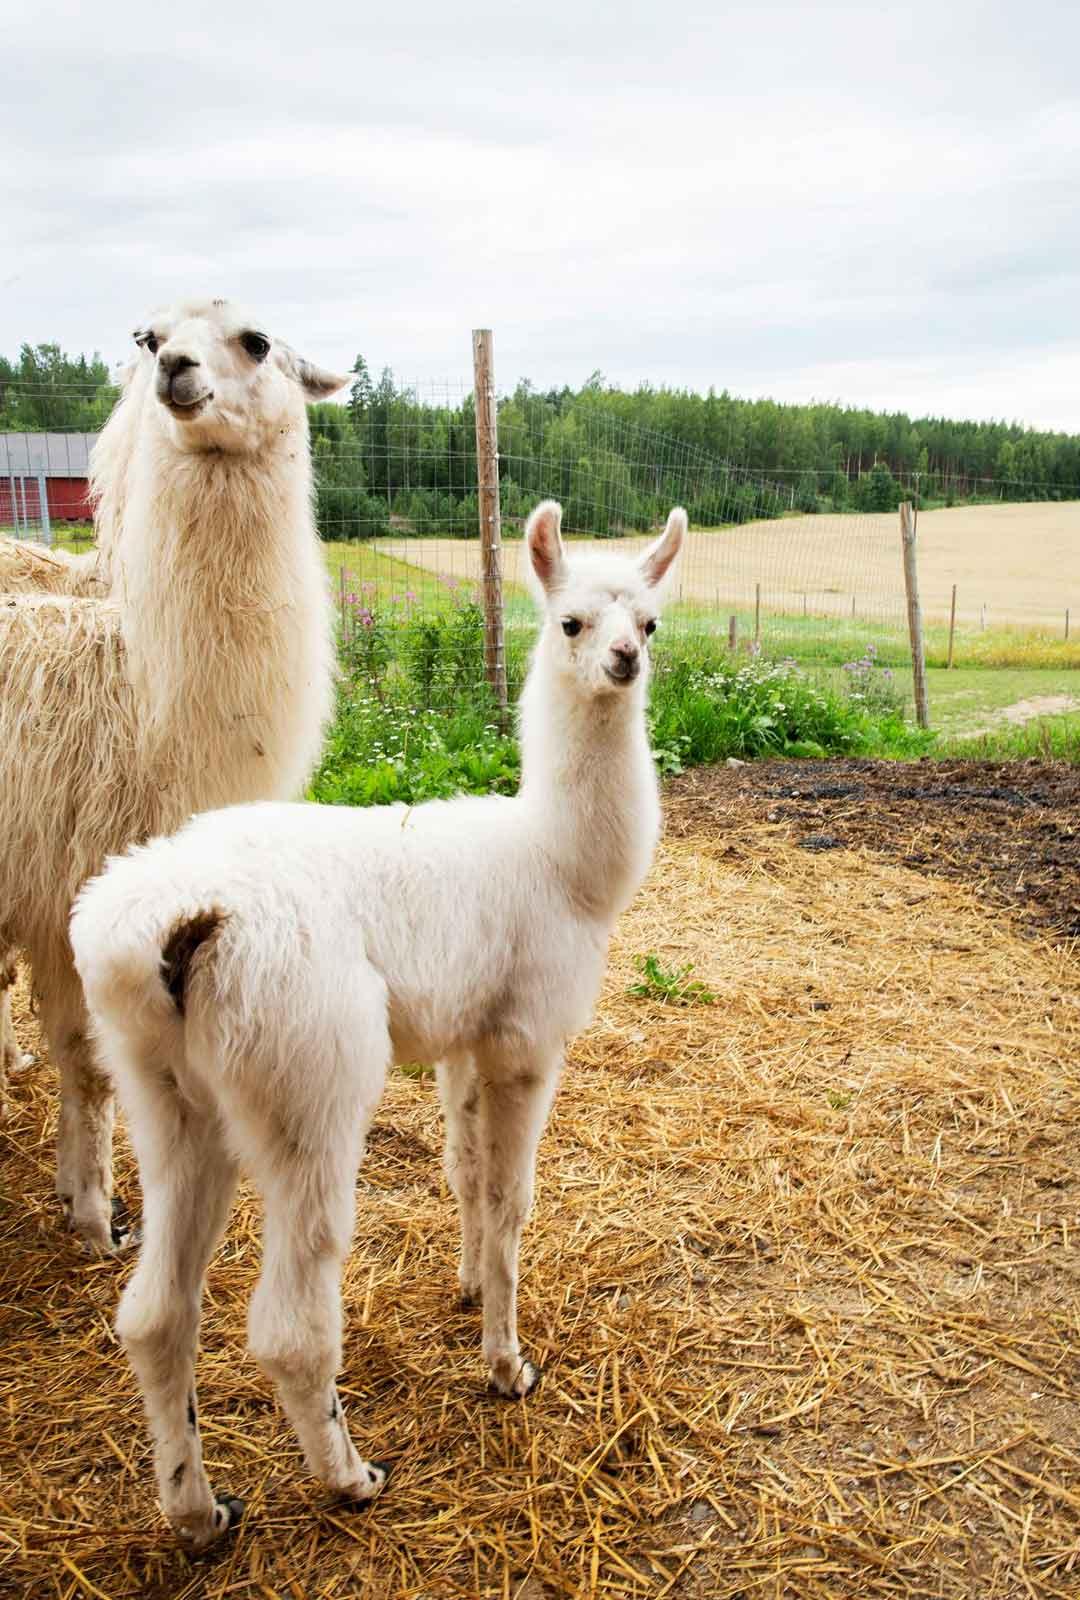 Kesällä Hutkoon syntyi yllätysvauva, kun eläinsuojelun kautta tilalle päätynyt Felicia-laama synnytti terveen tyttövasan.